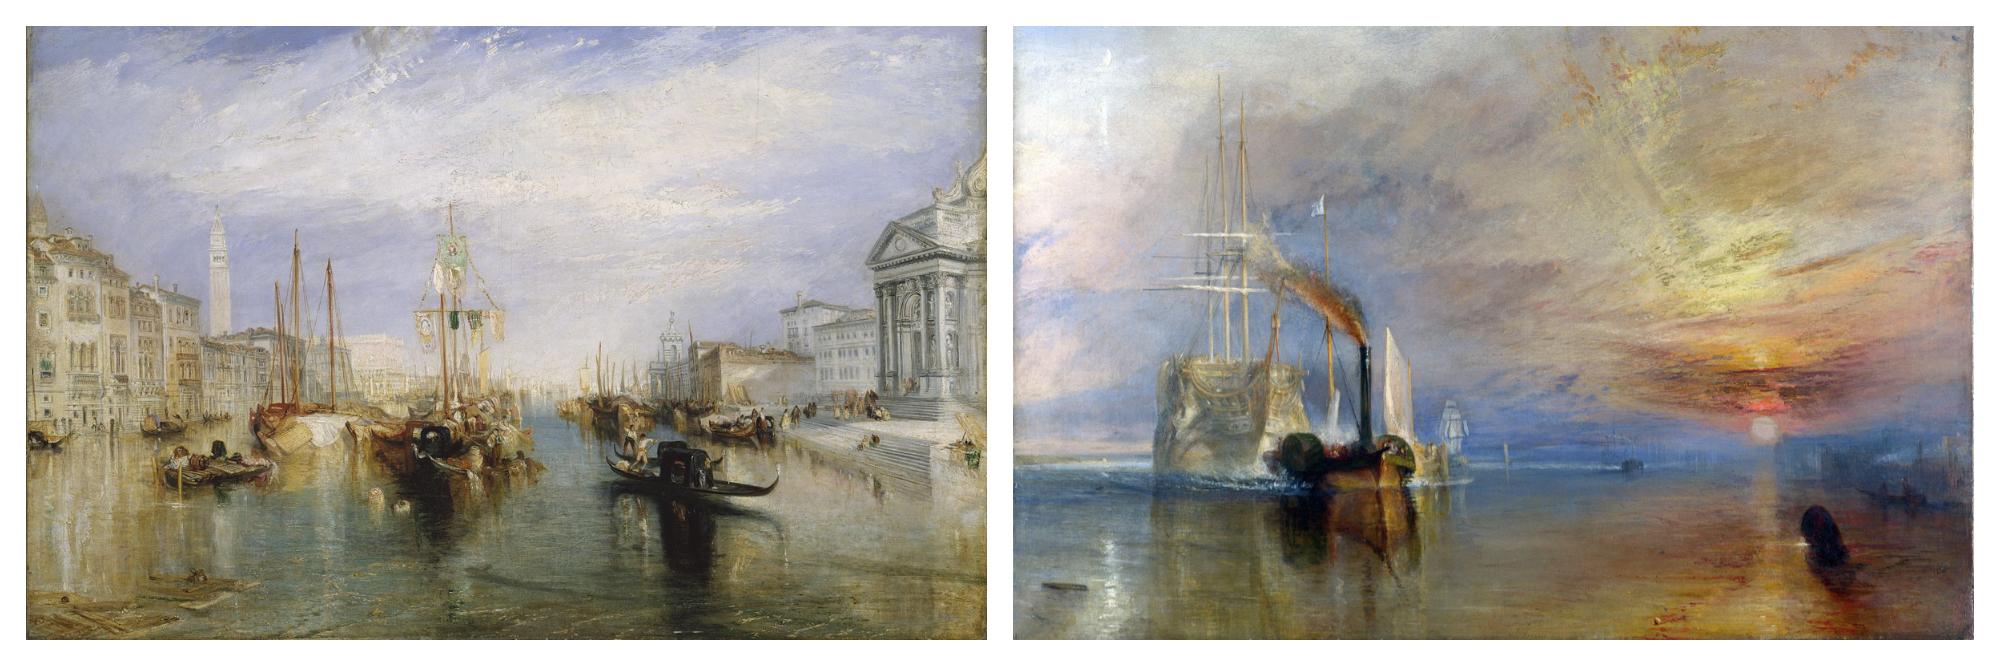 Atmospheric paintings of Turner are must-sees this season in Paris.